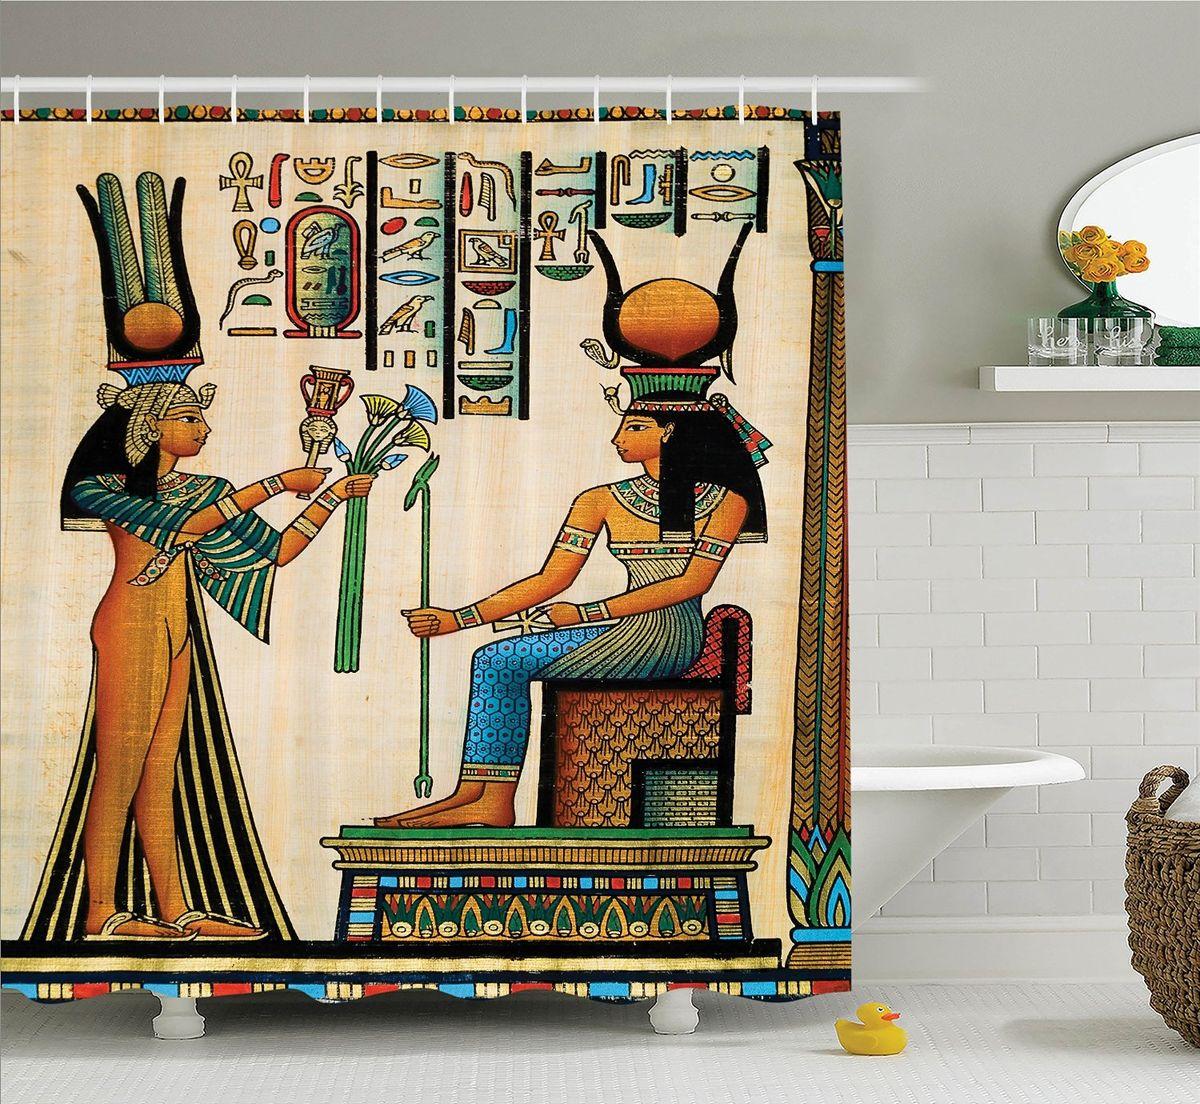 Штора для ванной комнаты Magic Lady Египетский папирус, 180 х 200 смшв_15229Штора Magic Lady Египетский папирус, изготовленная из высококачественного сатена (полиэстер 100%), отлично дополнит любой интерьер ванной комнаты. При изготовлении используются специальные гипоаллергенные чернила для прямой печати по ткани, безопасные для человека. В комплекте: 1 штора, 12 крючков. Обращаем ваше внимание, фактический цвет изделия может незначительно отличаться от представленного на фото.